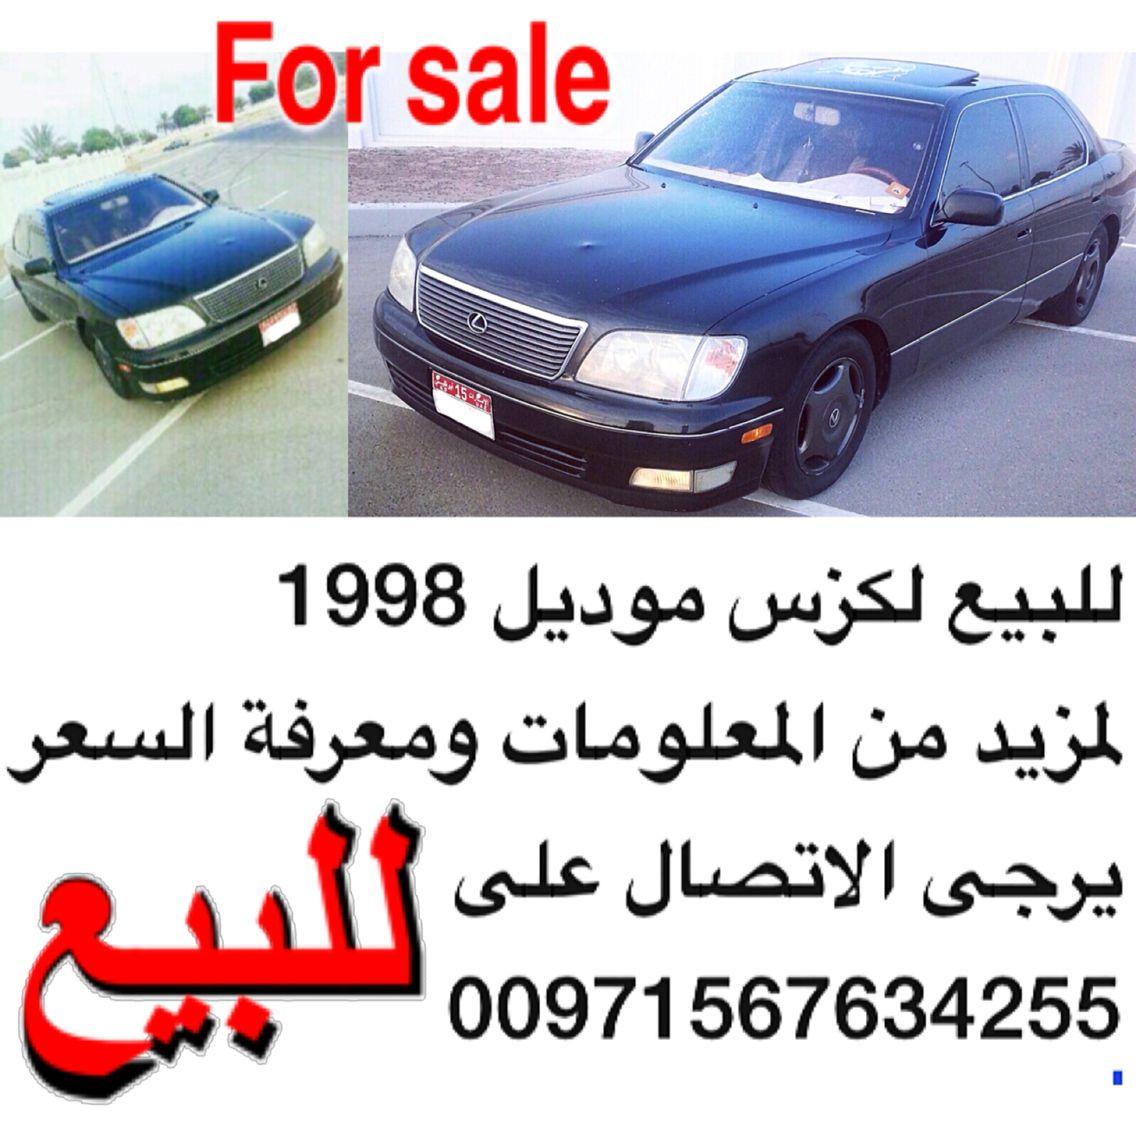 للبيع لكزس موديل 1998 لمزيد من المعلومات ومعرفة السعر يرجى الاتصال على 00971567634255 اعلانvip لكزس الواتساب Uae4cars2u راعي الرسمي Car Vehicles